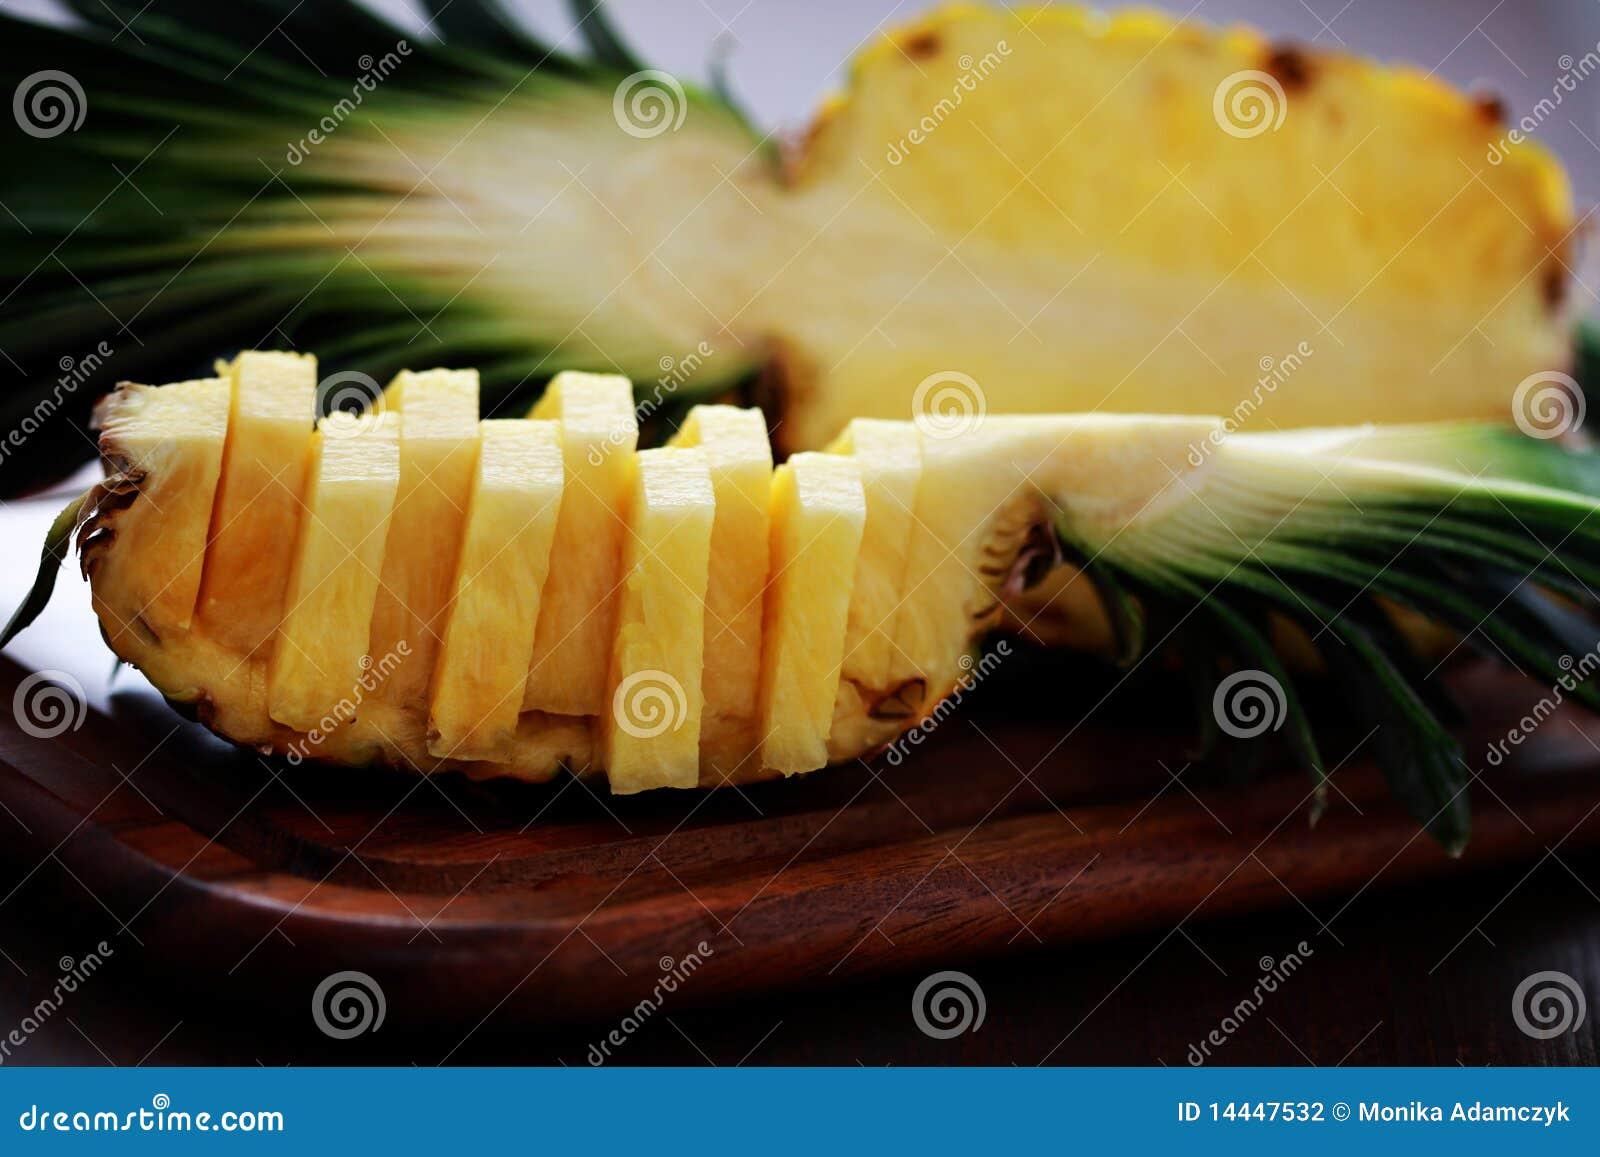 pineapple stock photo image of acid food sliced sweet